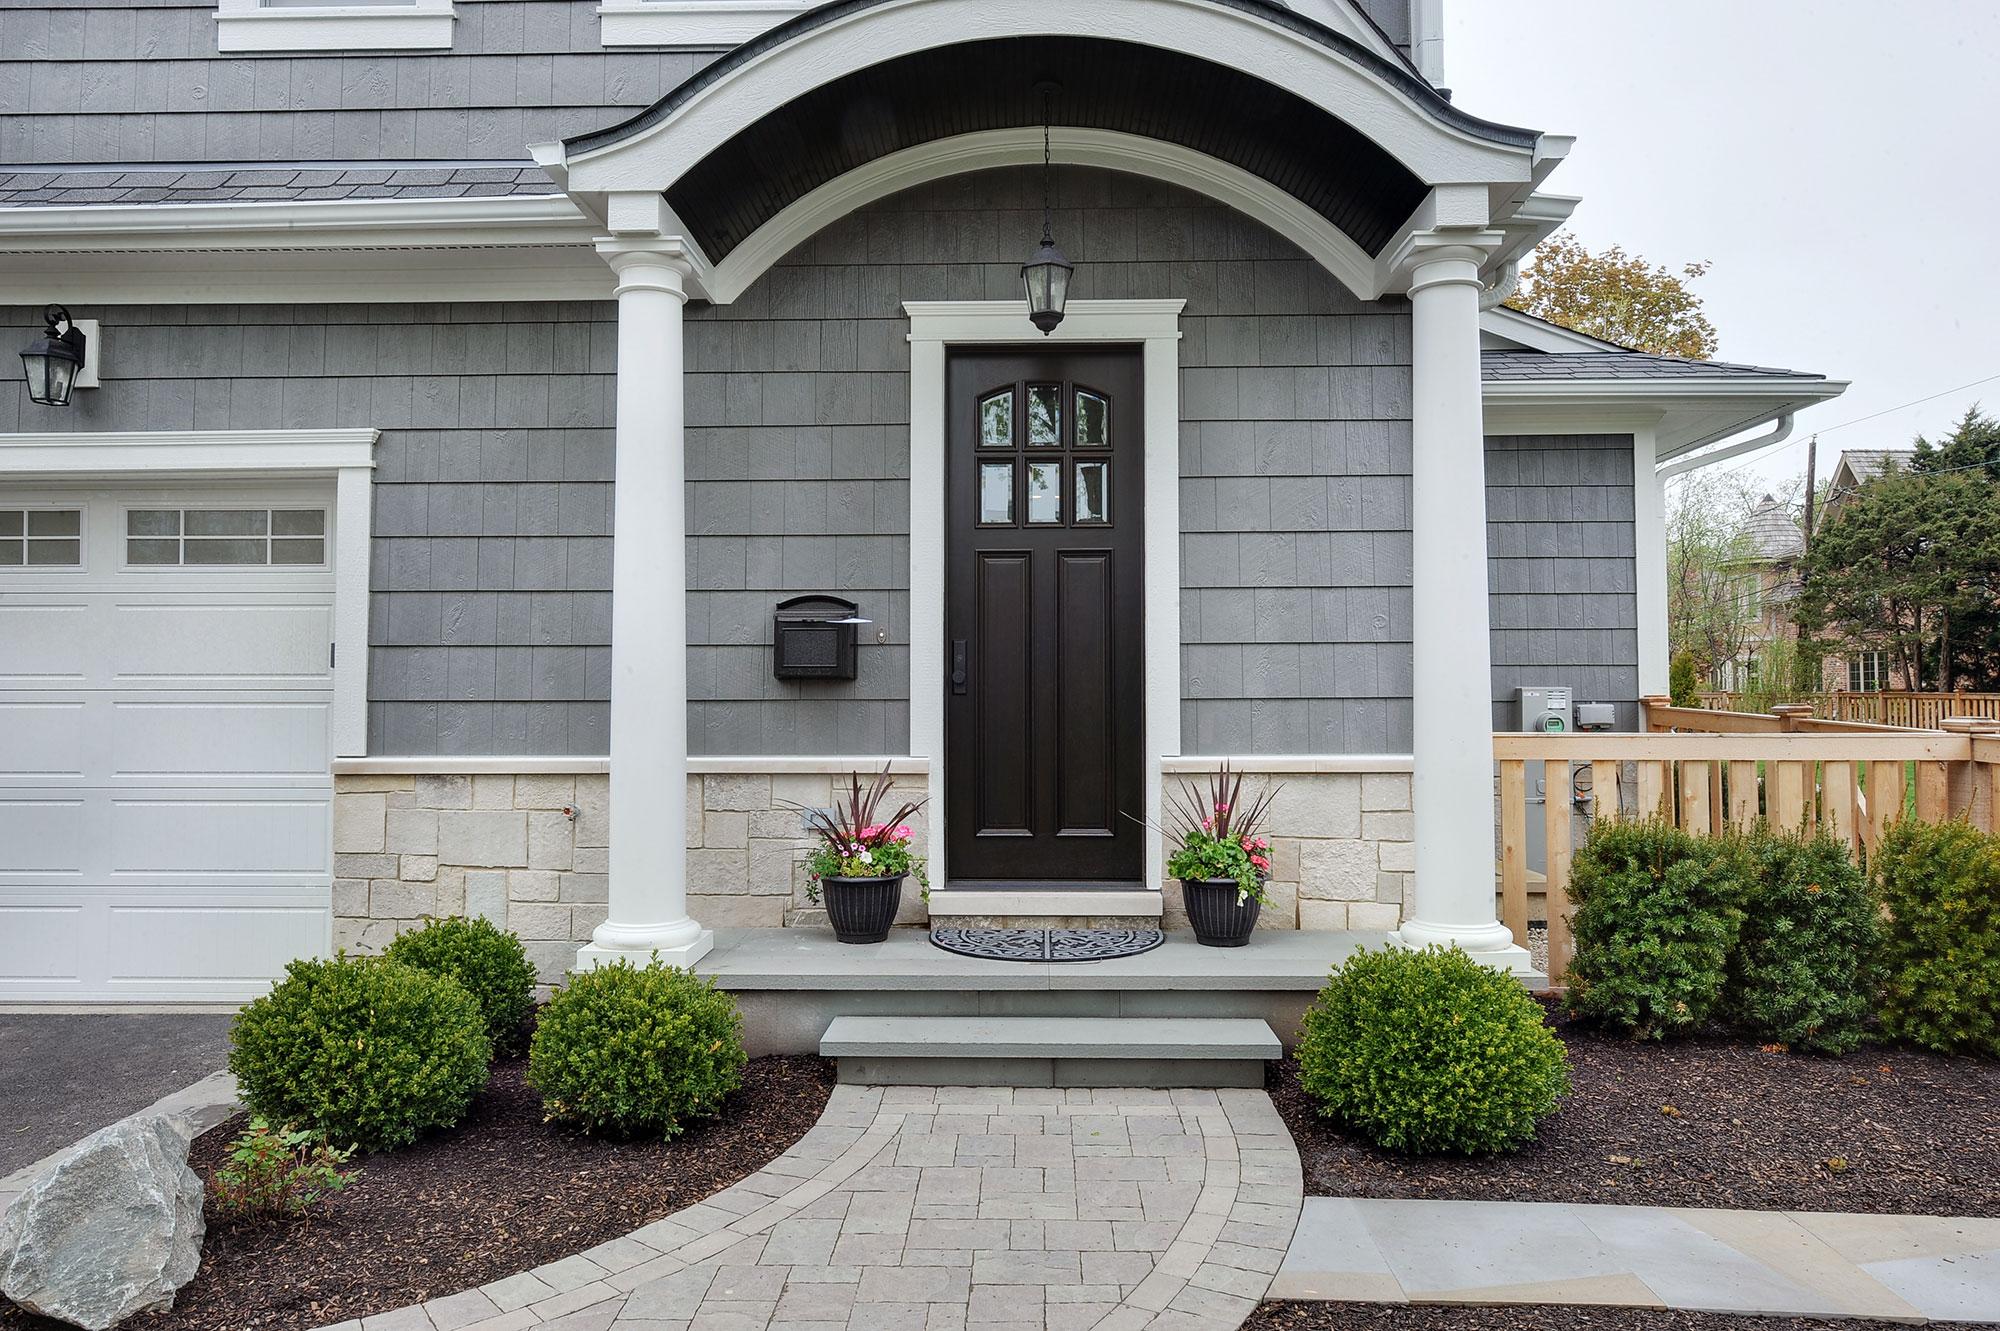 House side entry door new custom homes globex for Custom home builders near me